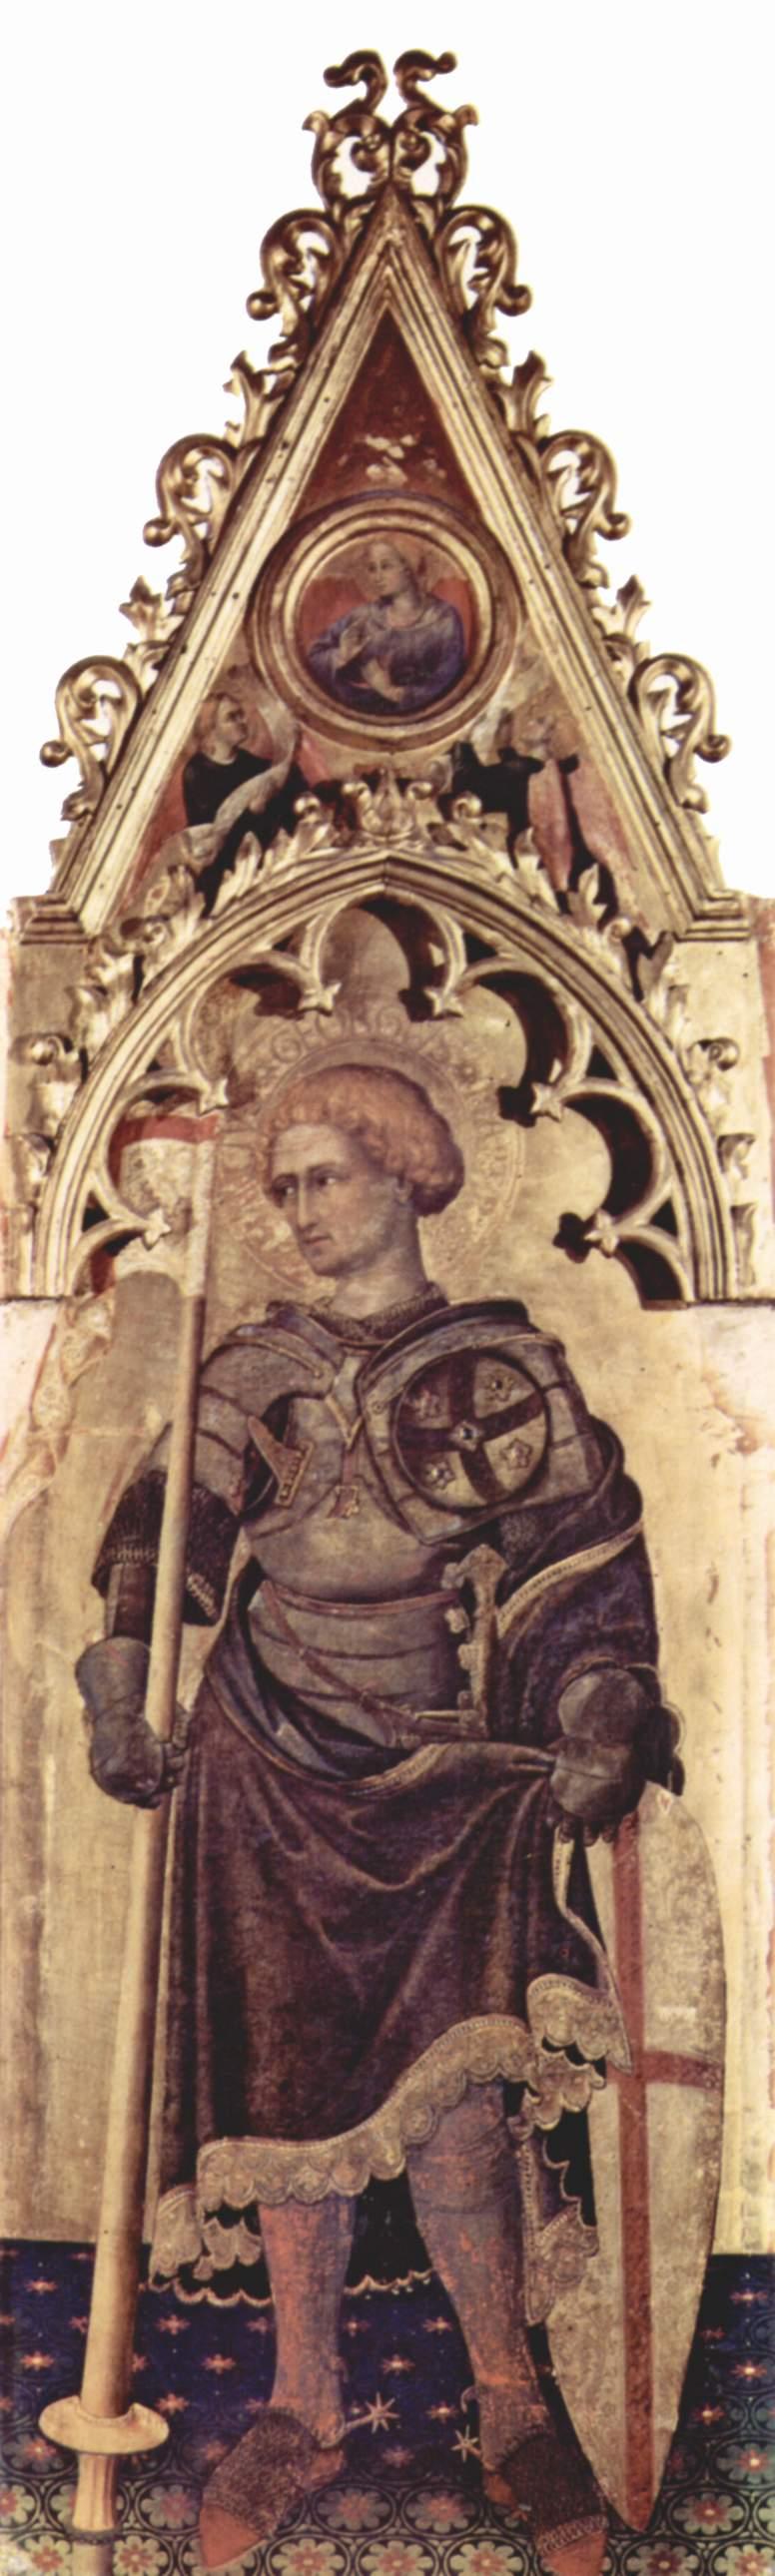 Полиптих Кваратези [11], боковая доска. св. Георгий, Джентиле да Фабриано